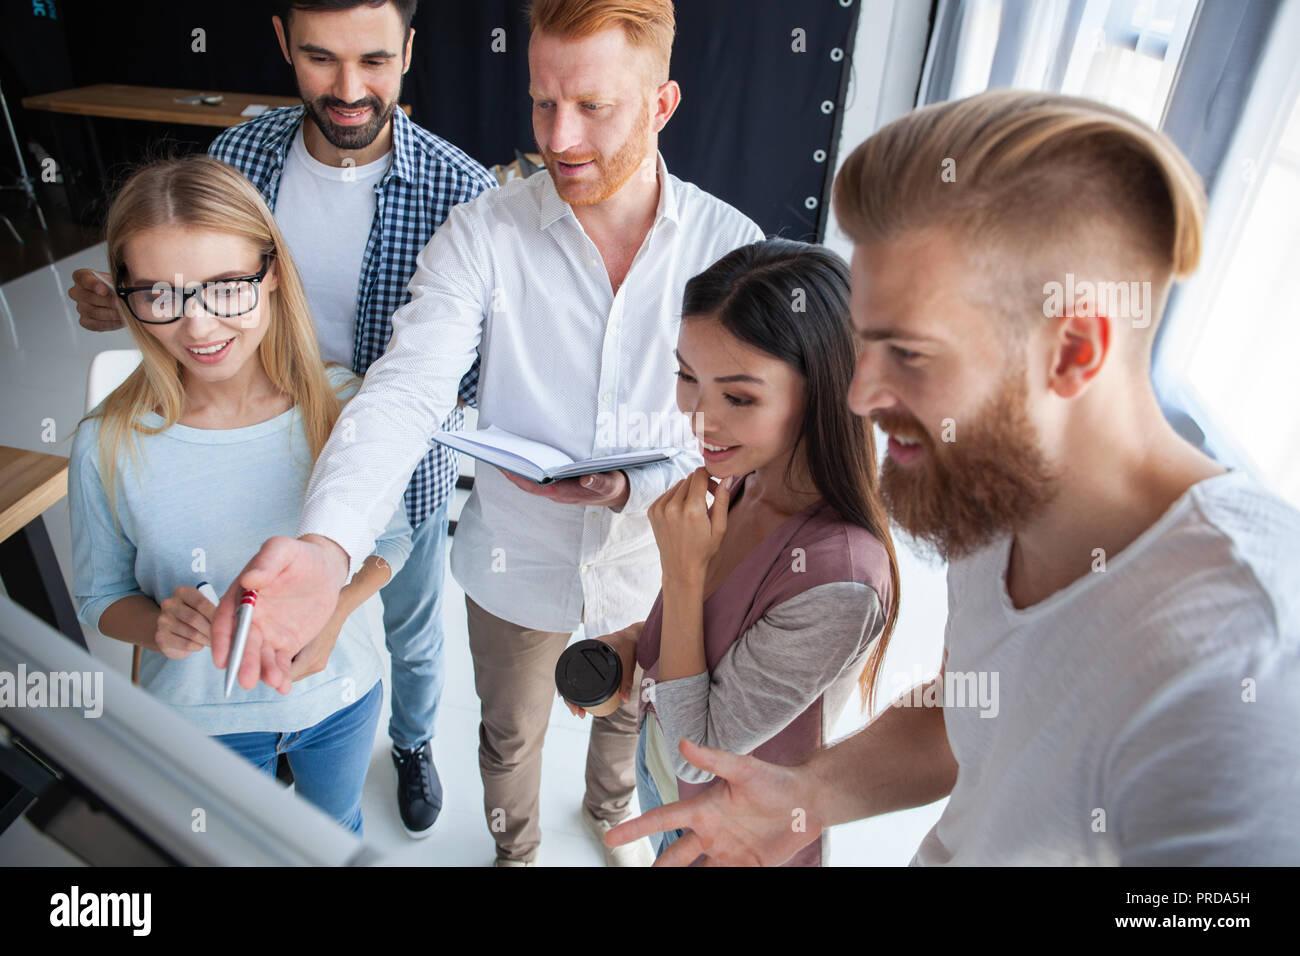 Gruppo di colleghi giovani vestiti casual in piedi insieme in un ufficio moderno e di brainstorming. Immagini Stock